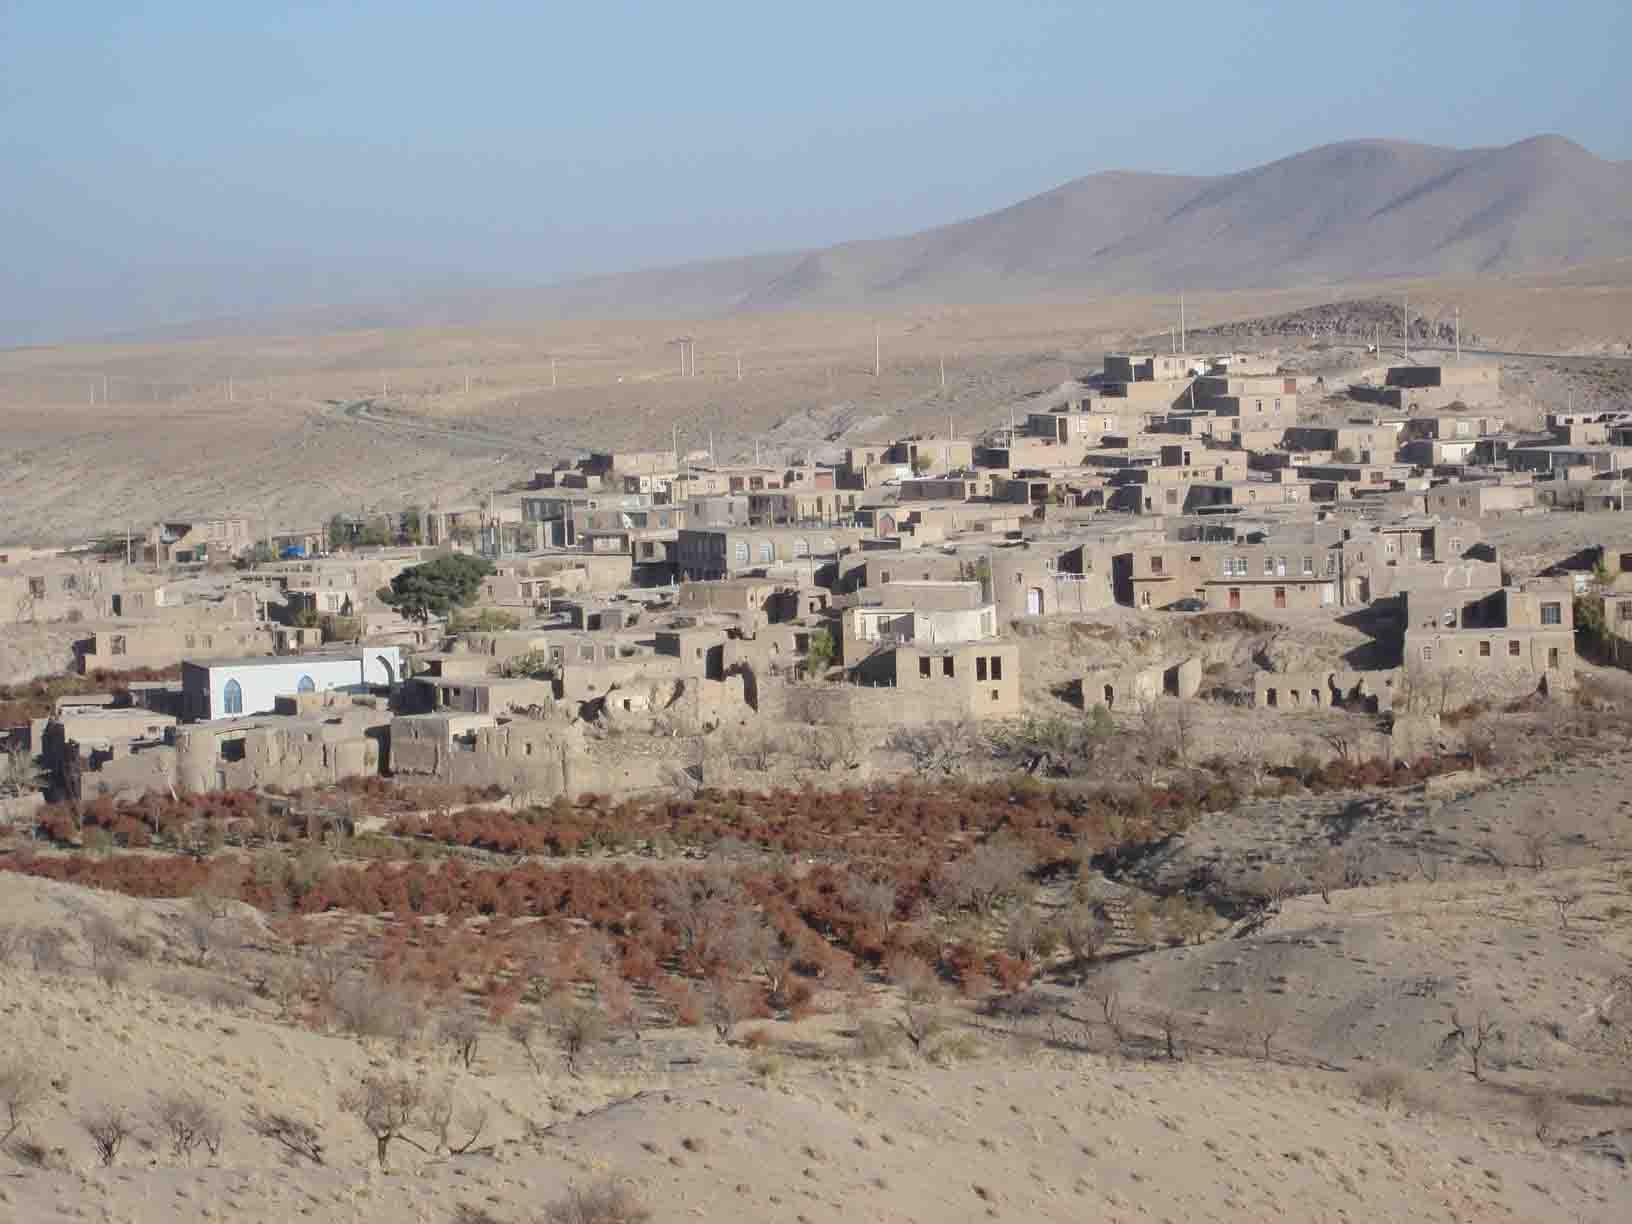 تخلیه ٣۴هزار روستا و آبادی ایران در پنجاه سال گذشته